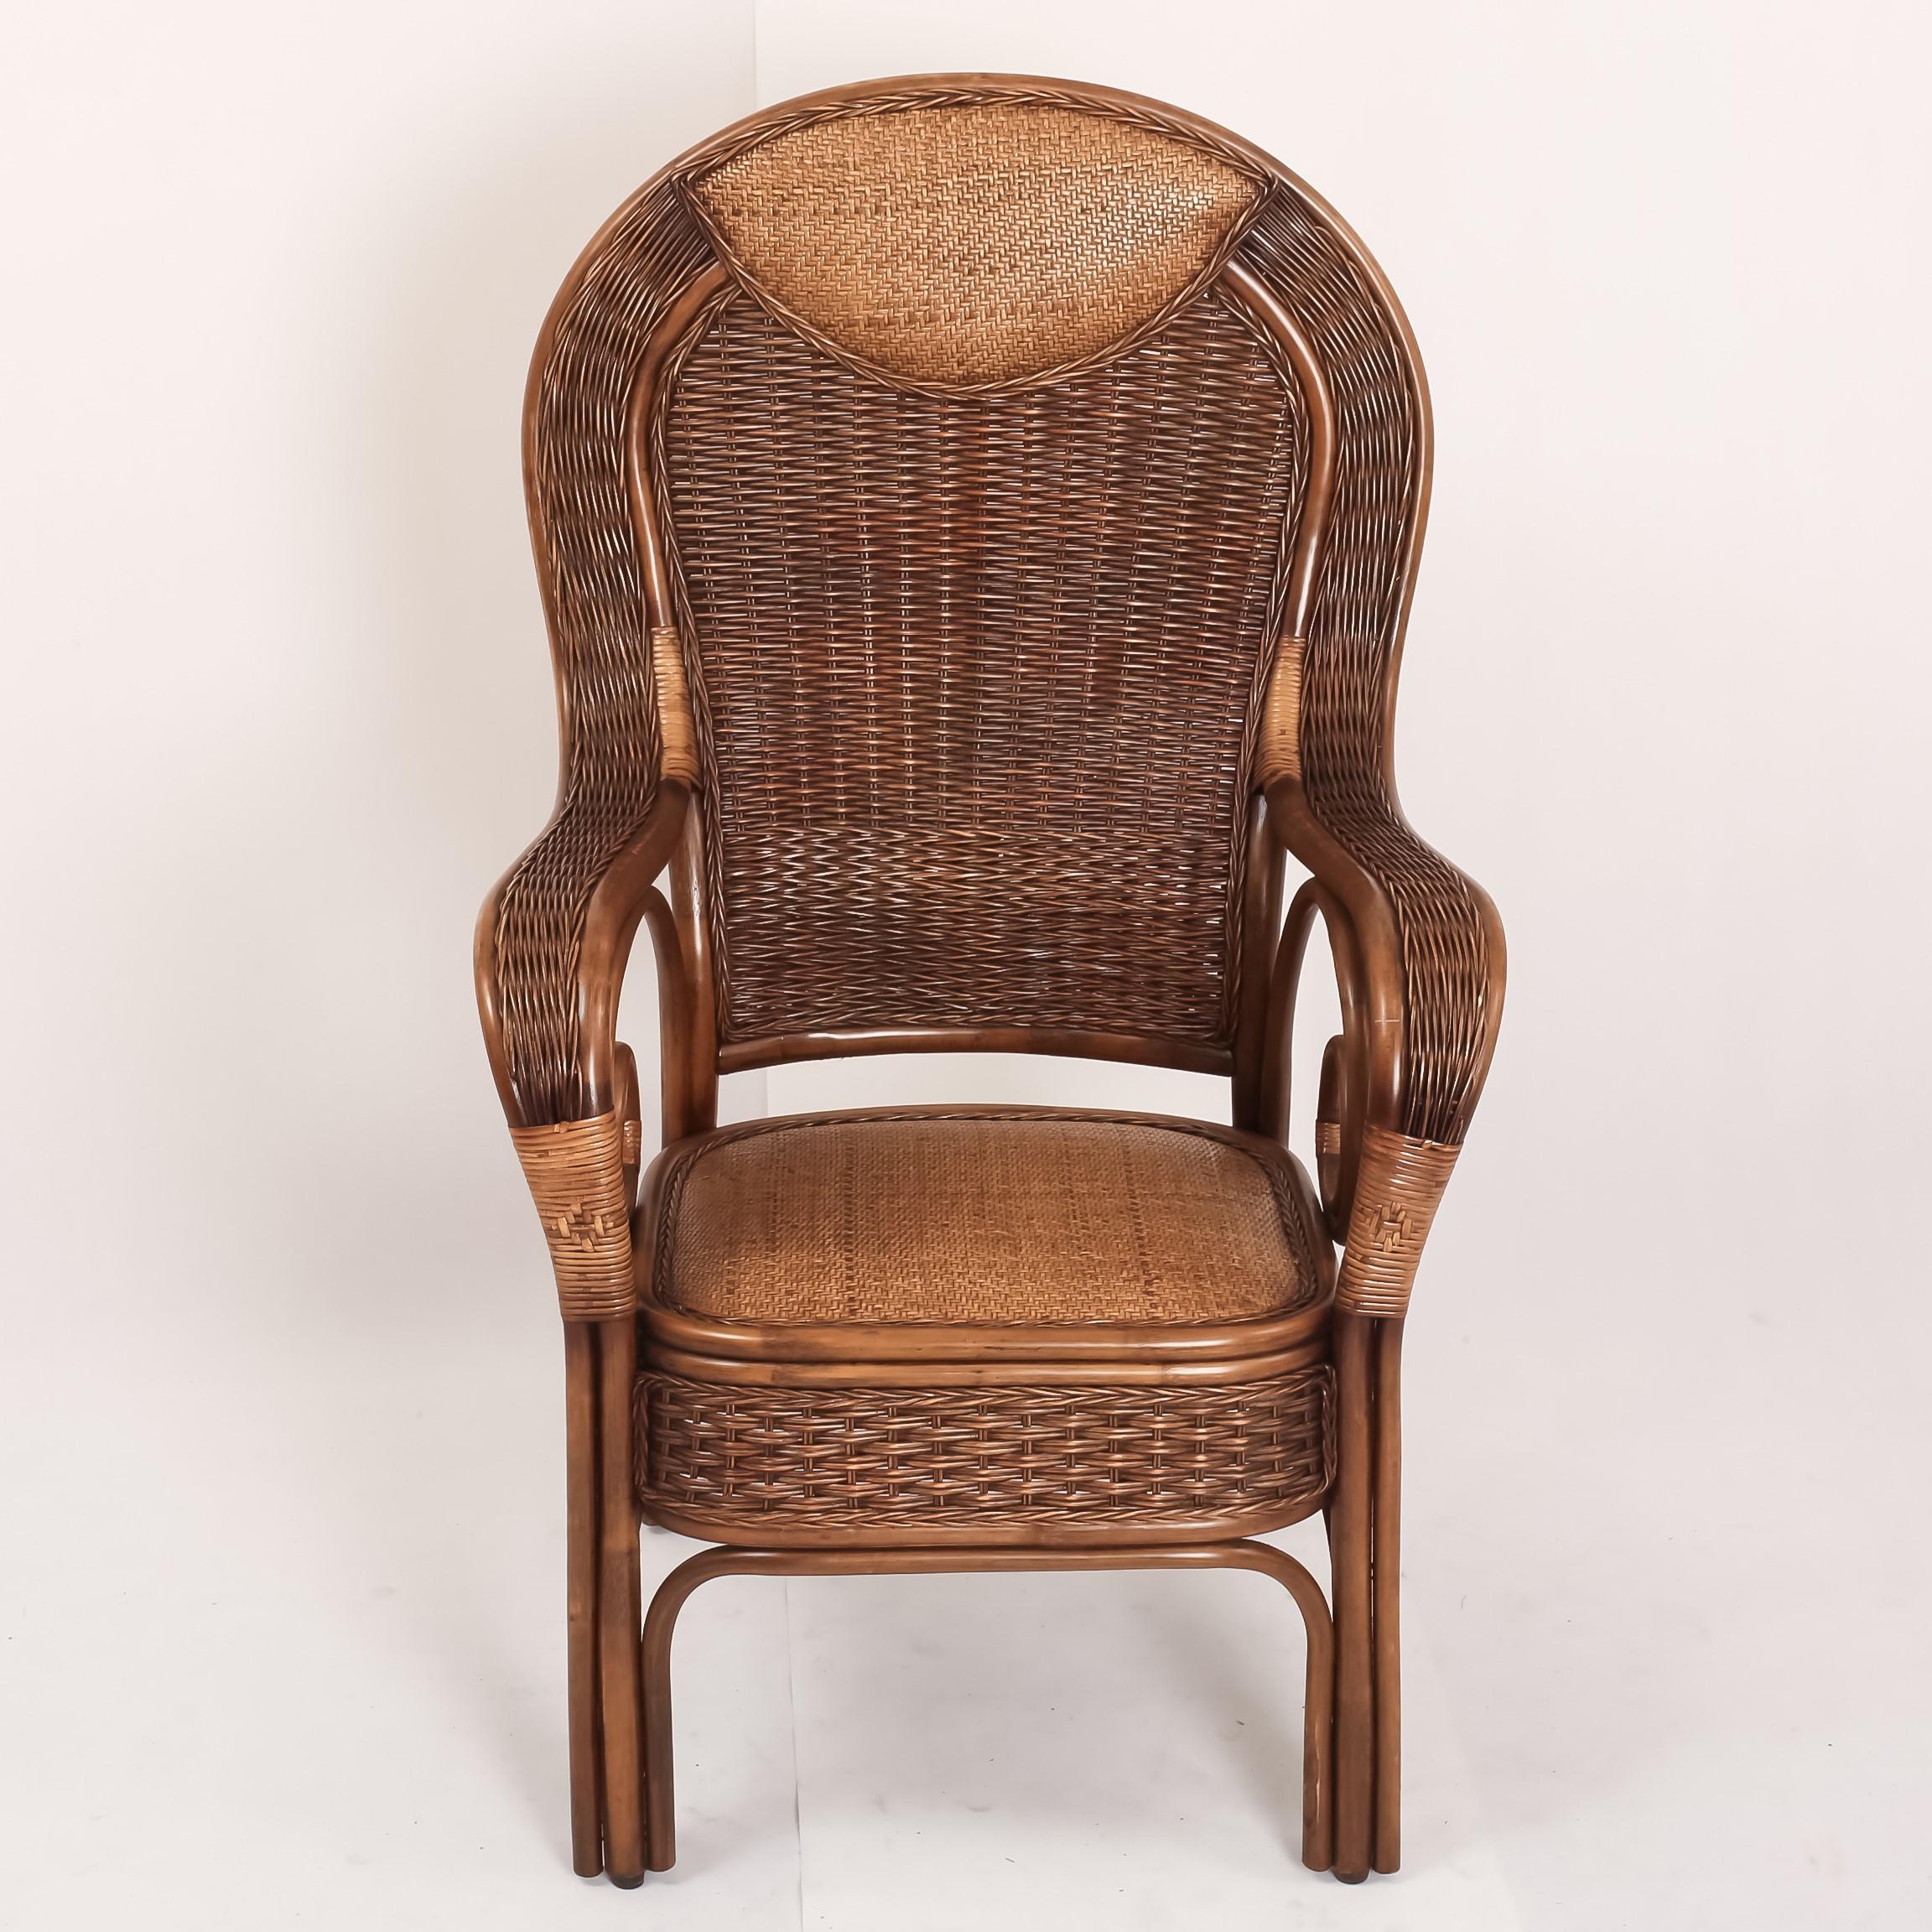 藤编手工藤椅豪华办公椅高靠背藤椅大班椅老板椅高档椅